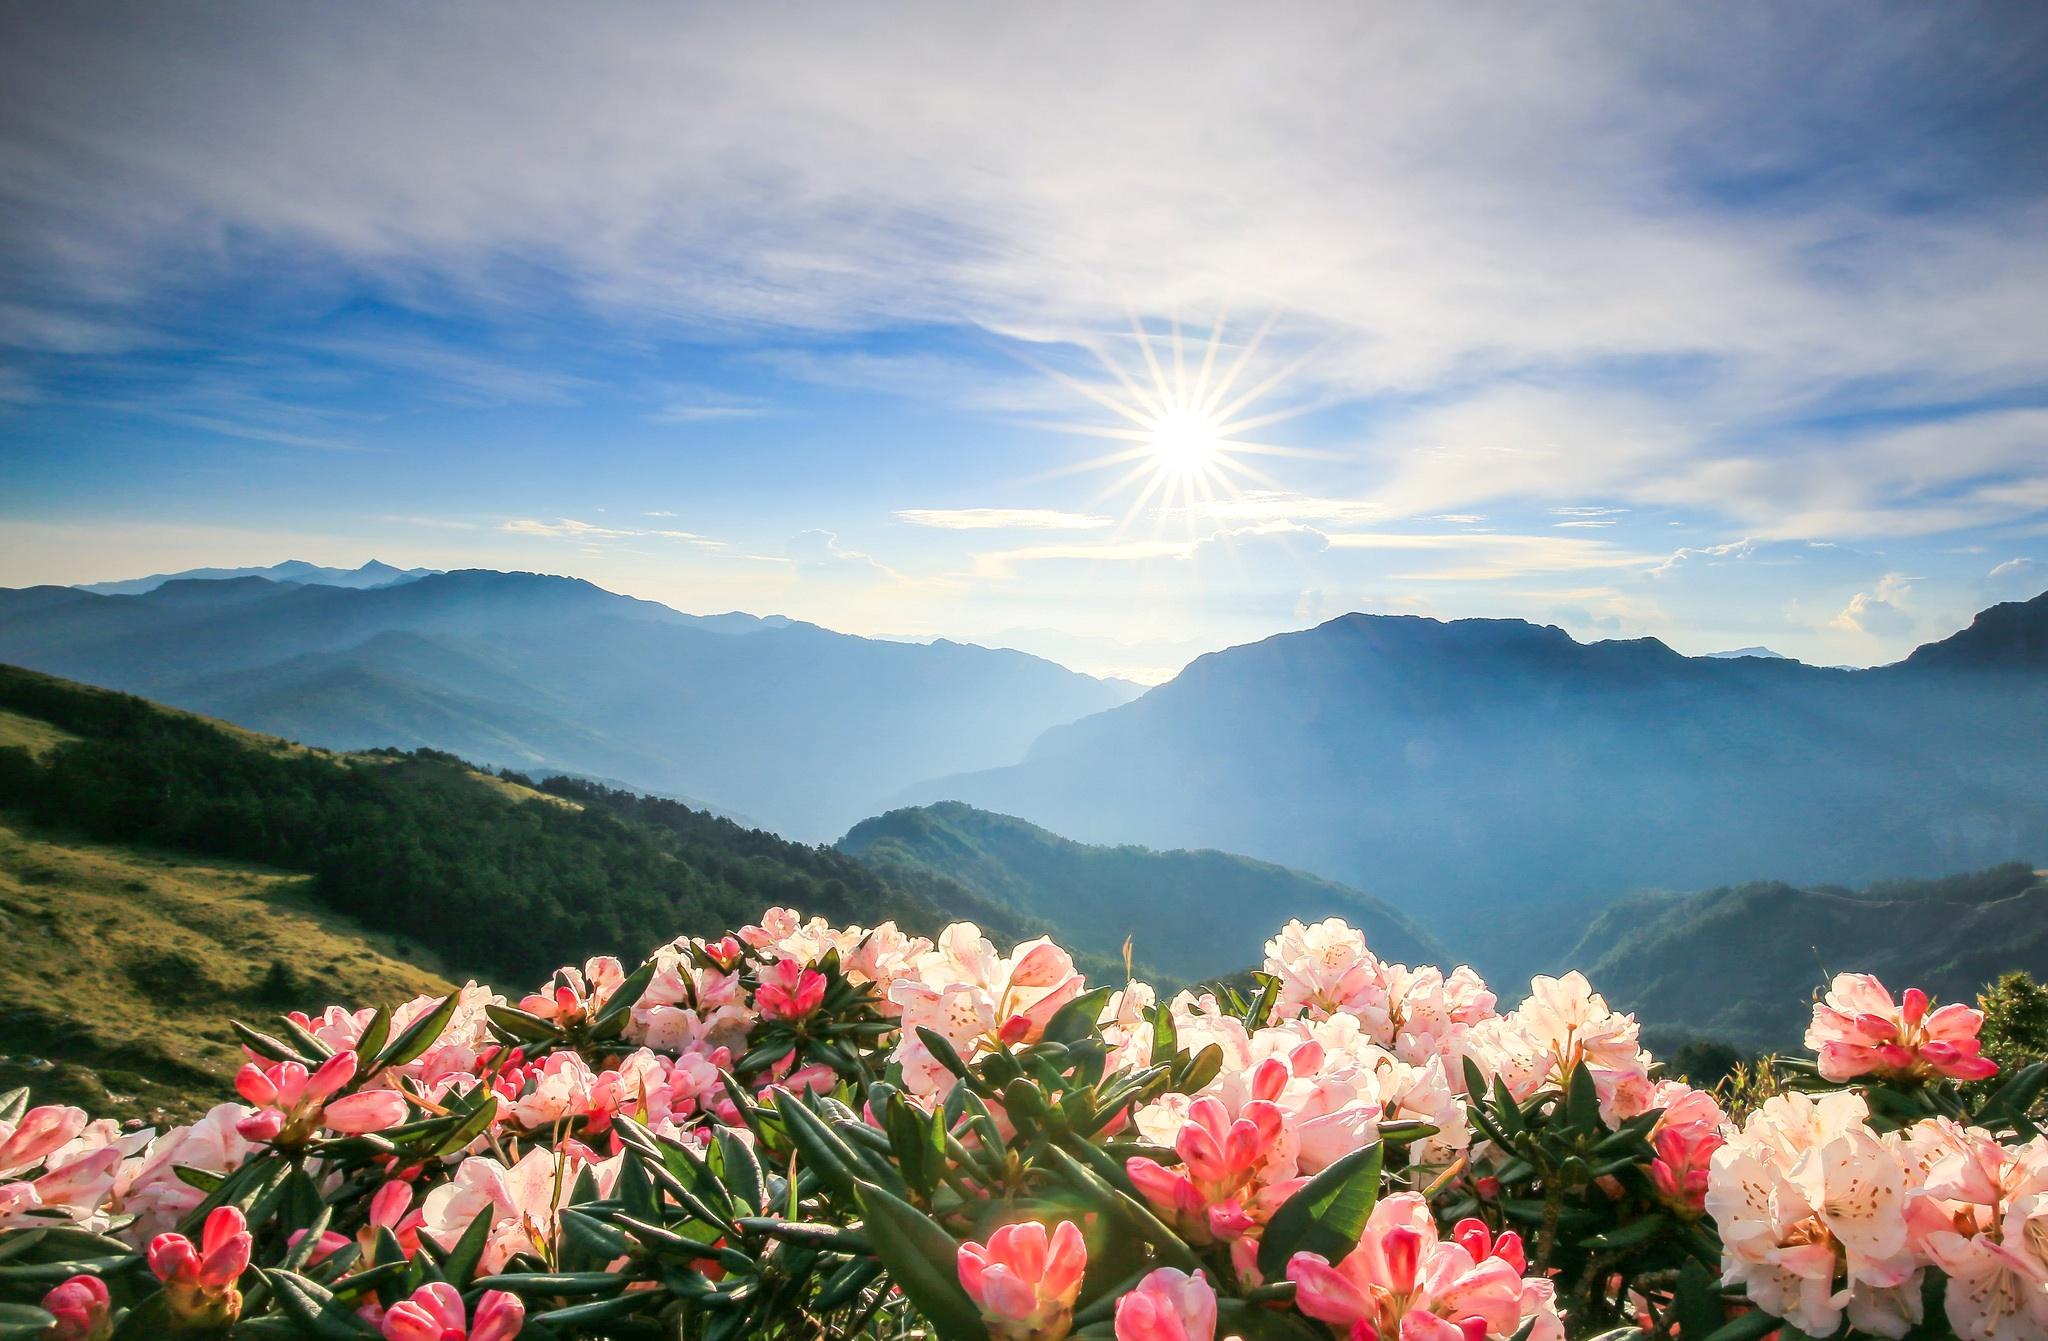 цветущие горы картинка исчисляется